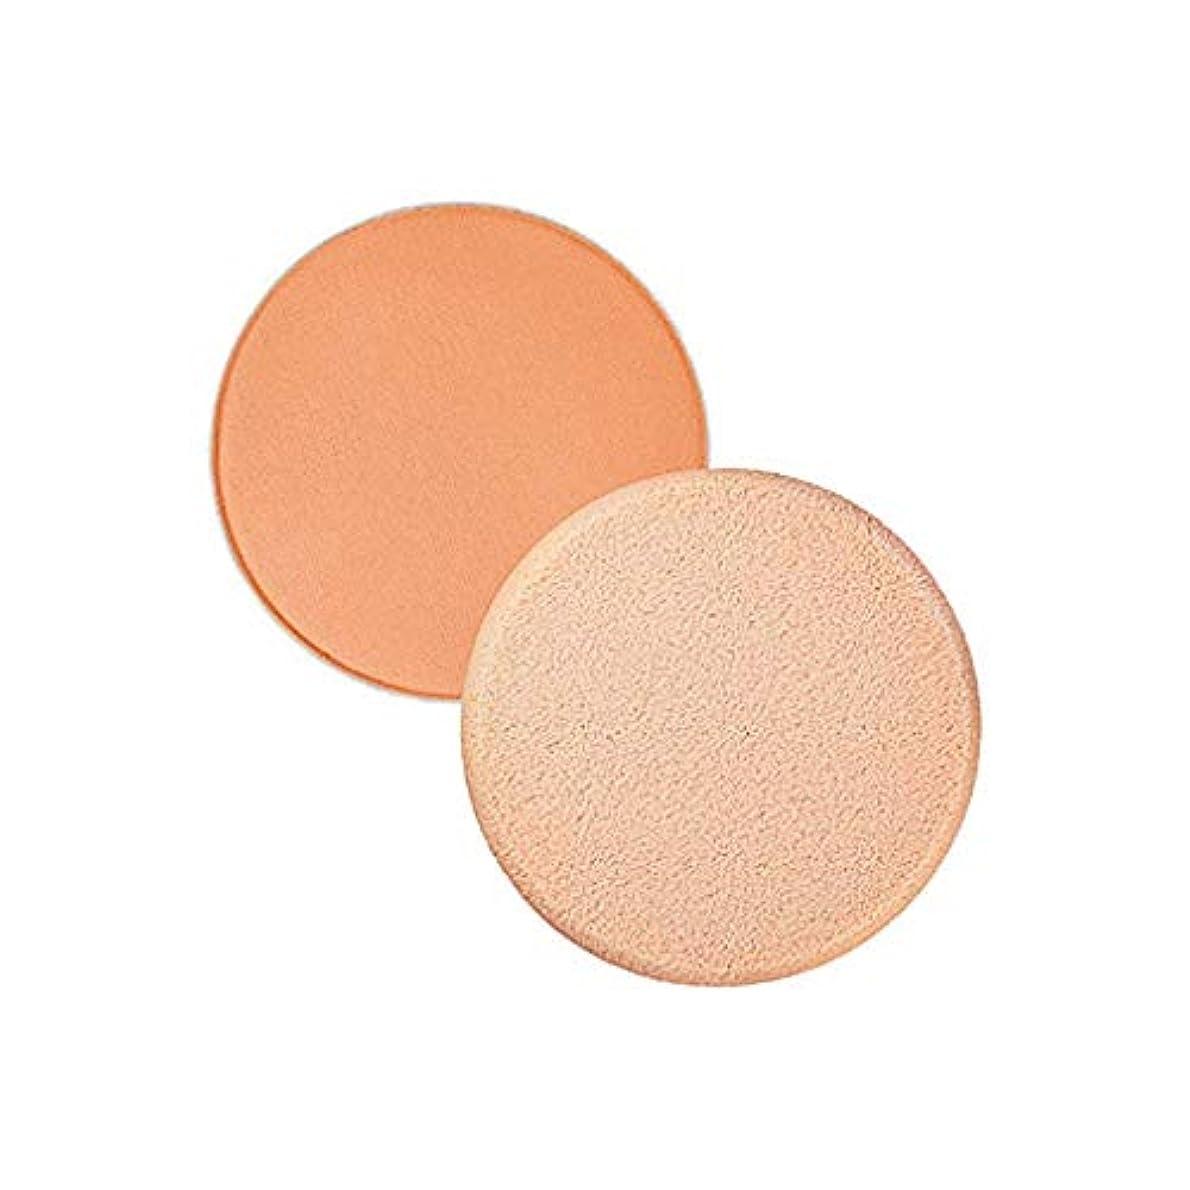 対立ポット超えて資生堂 UV Protective Compact Foundation SPF36 Refill - #Light Ivory 12g/0.42oz並行輸入品